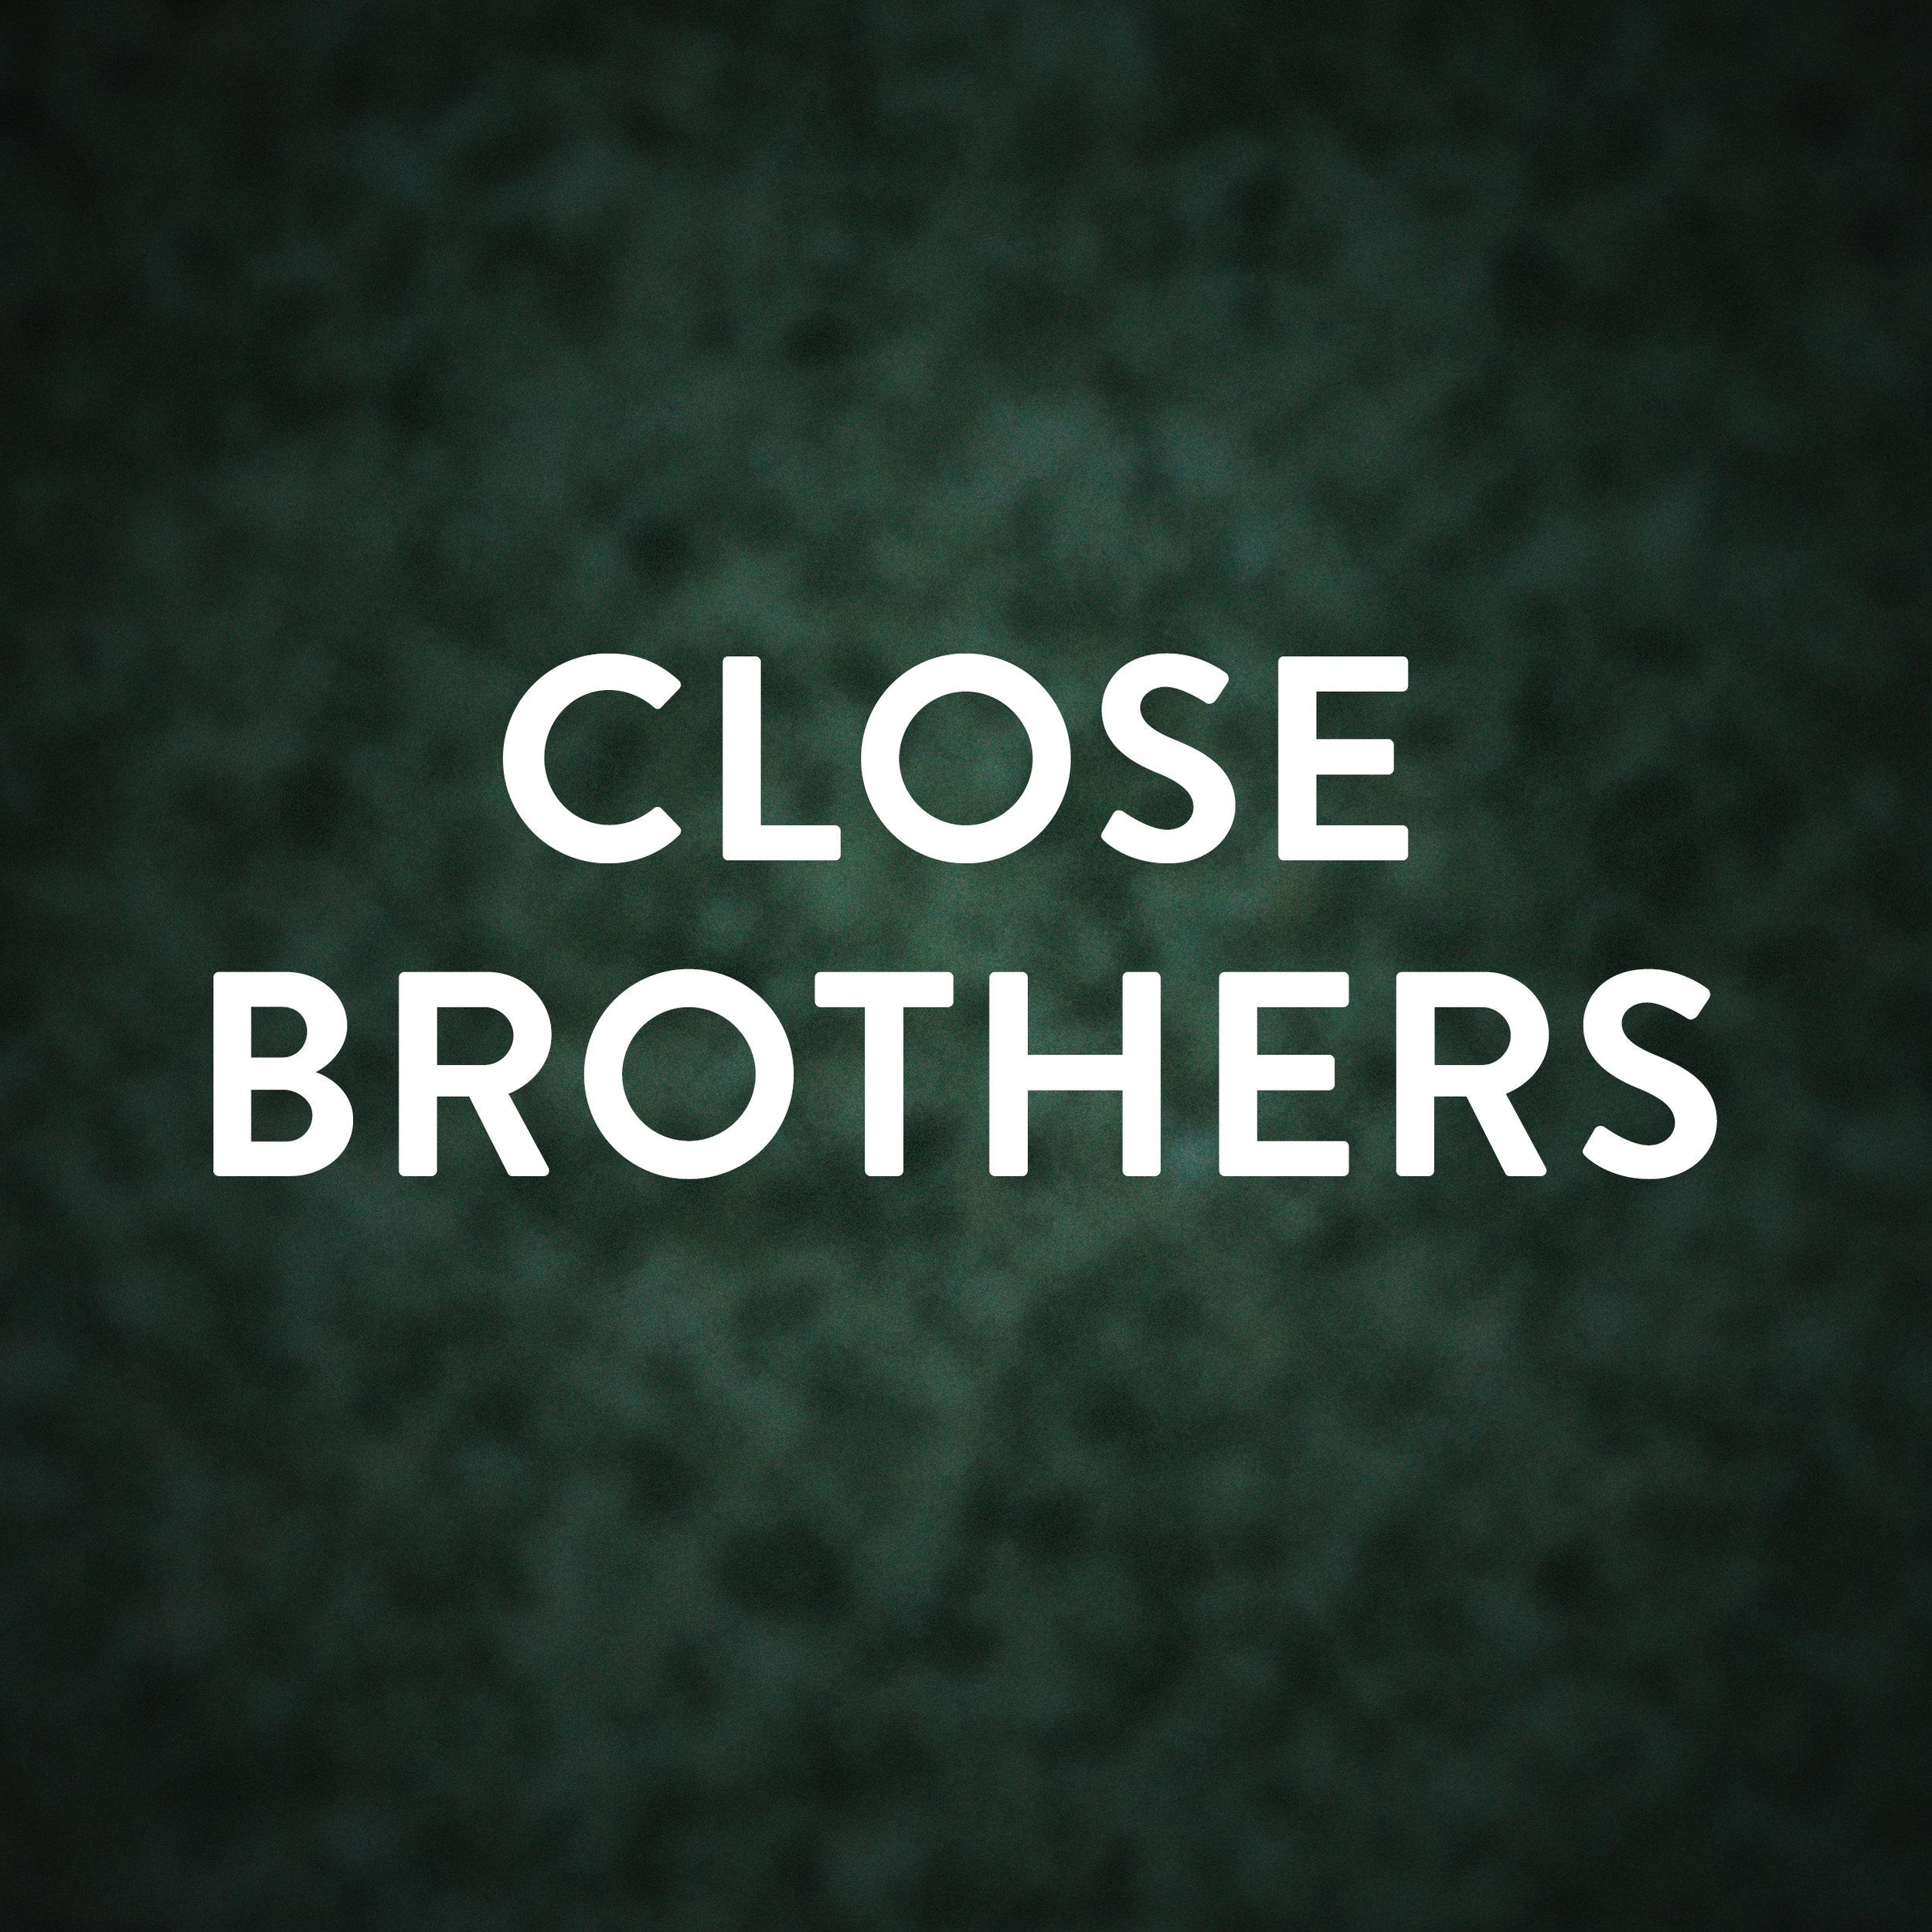 CloseBrothers.jpg